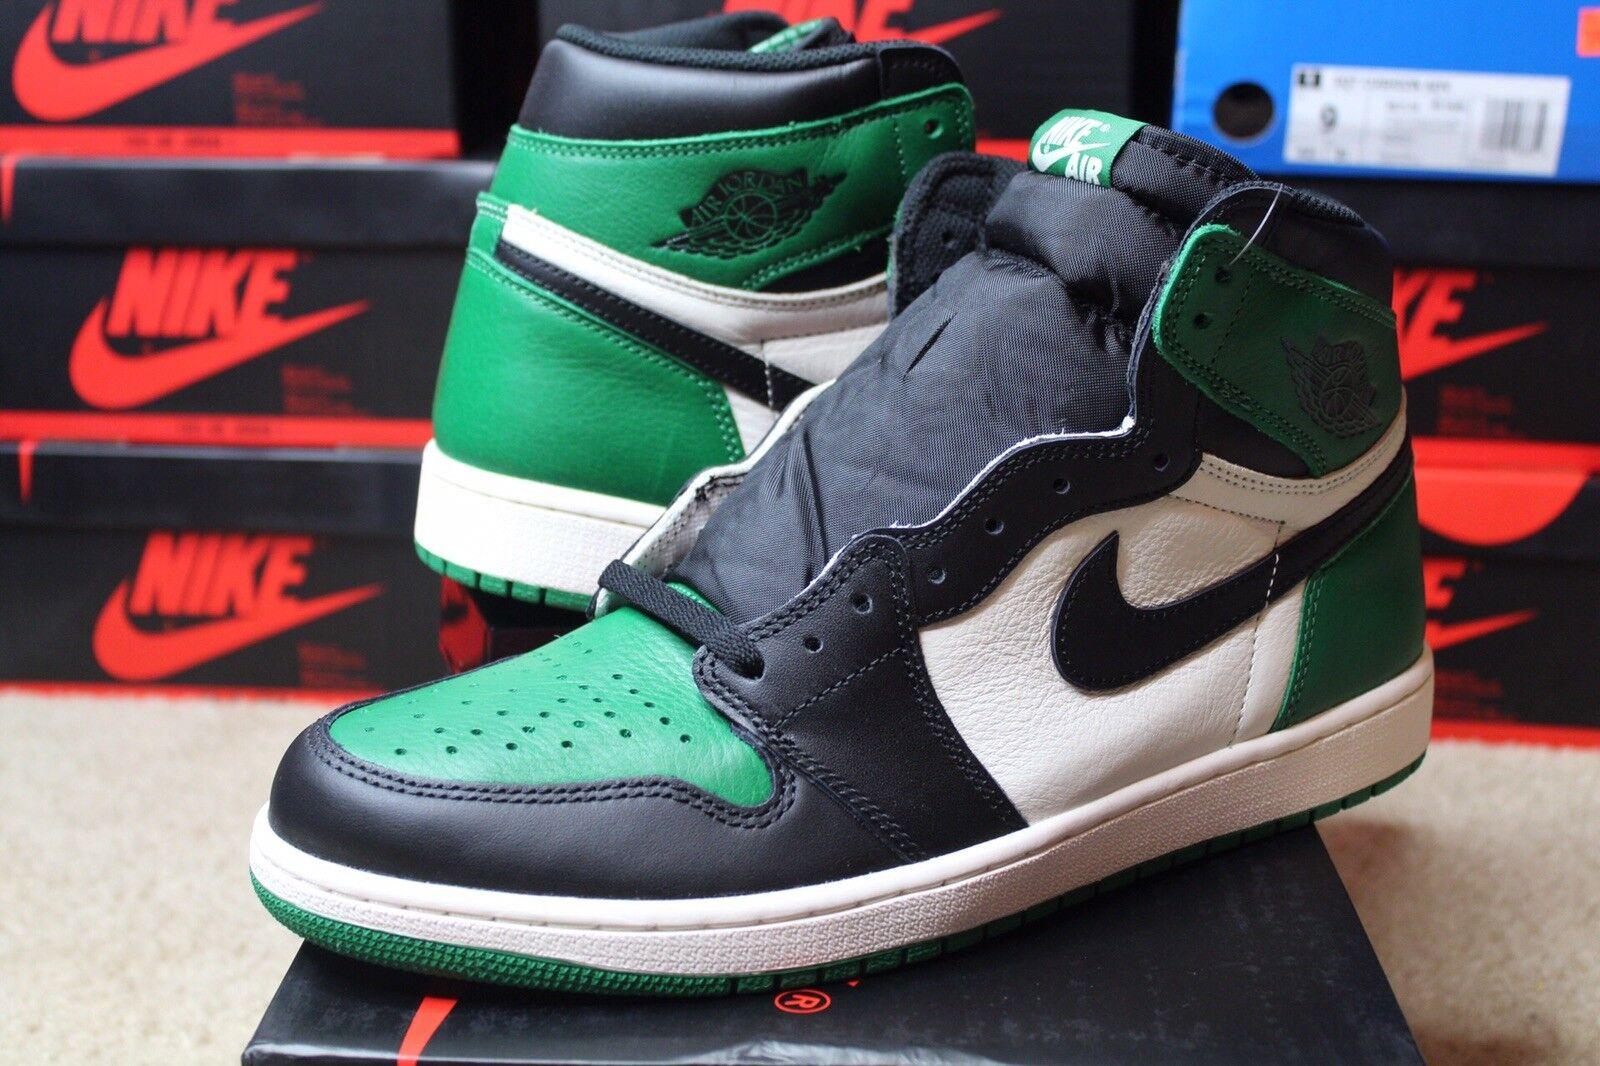 Jordan 1 Retro OG High 12 Pine Green Men Size 12 High BRAND NEW 555088-302 5e0a32